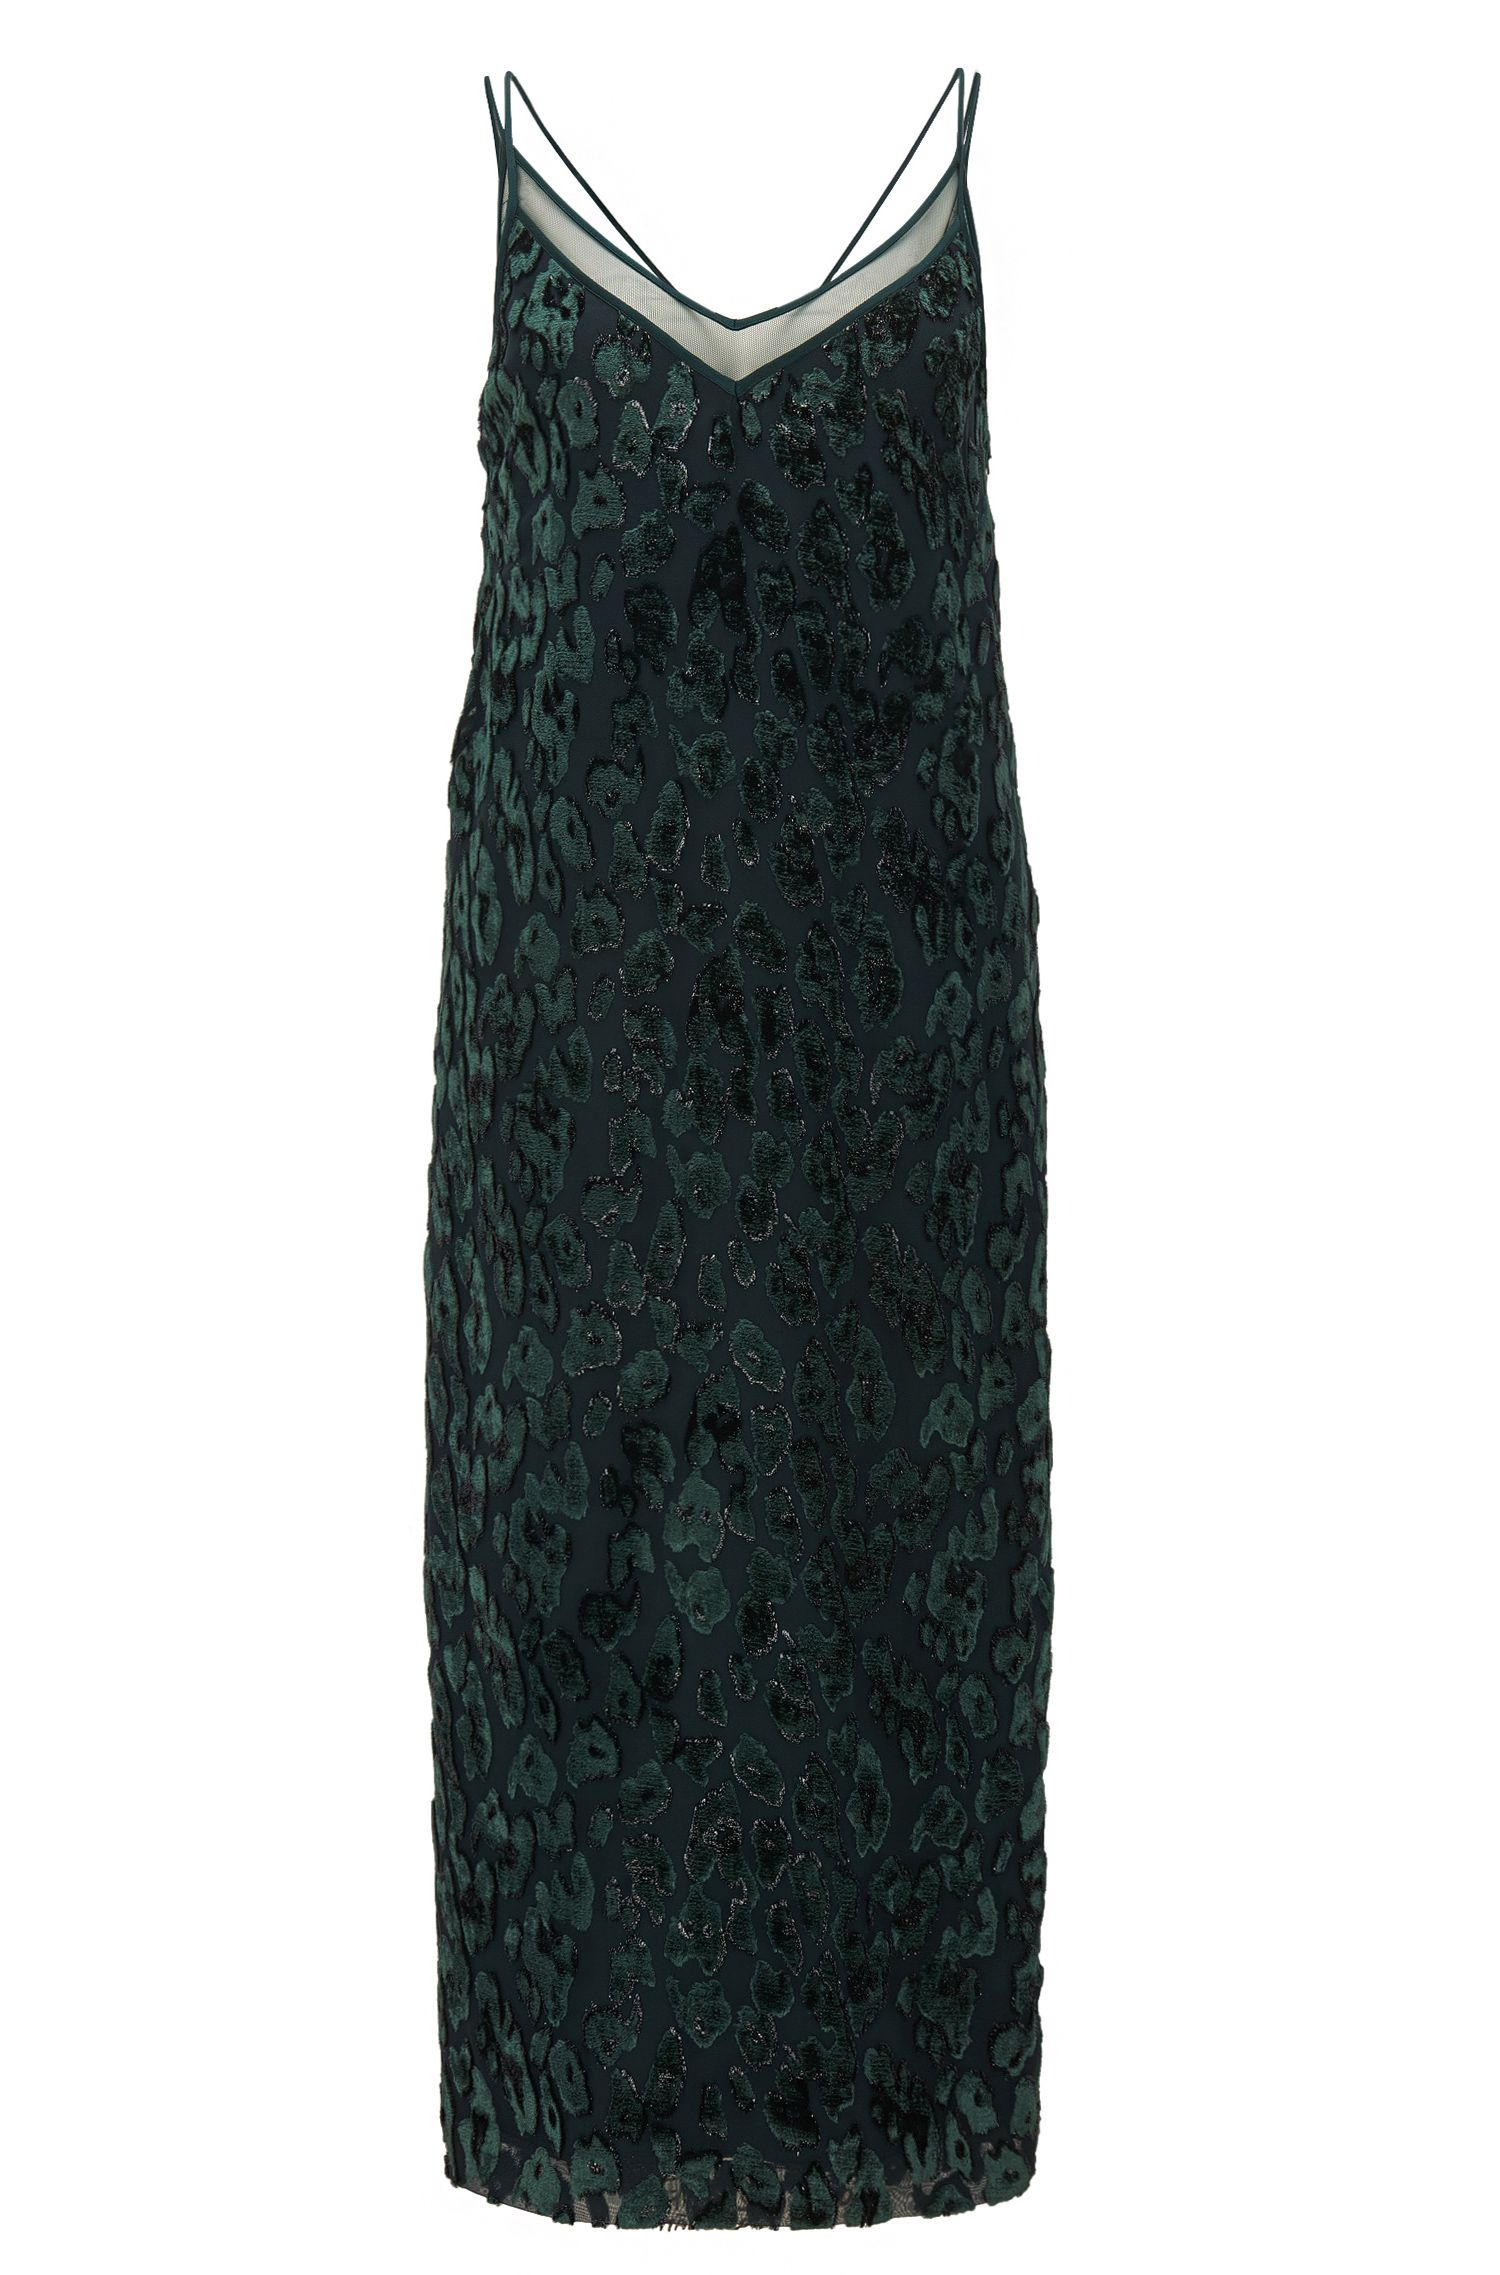 Leopard Print Velvet Cocktail Dress | Dudania